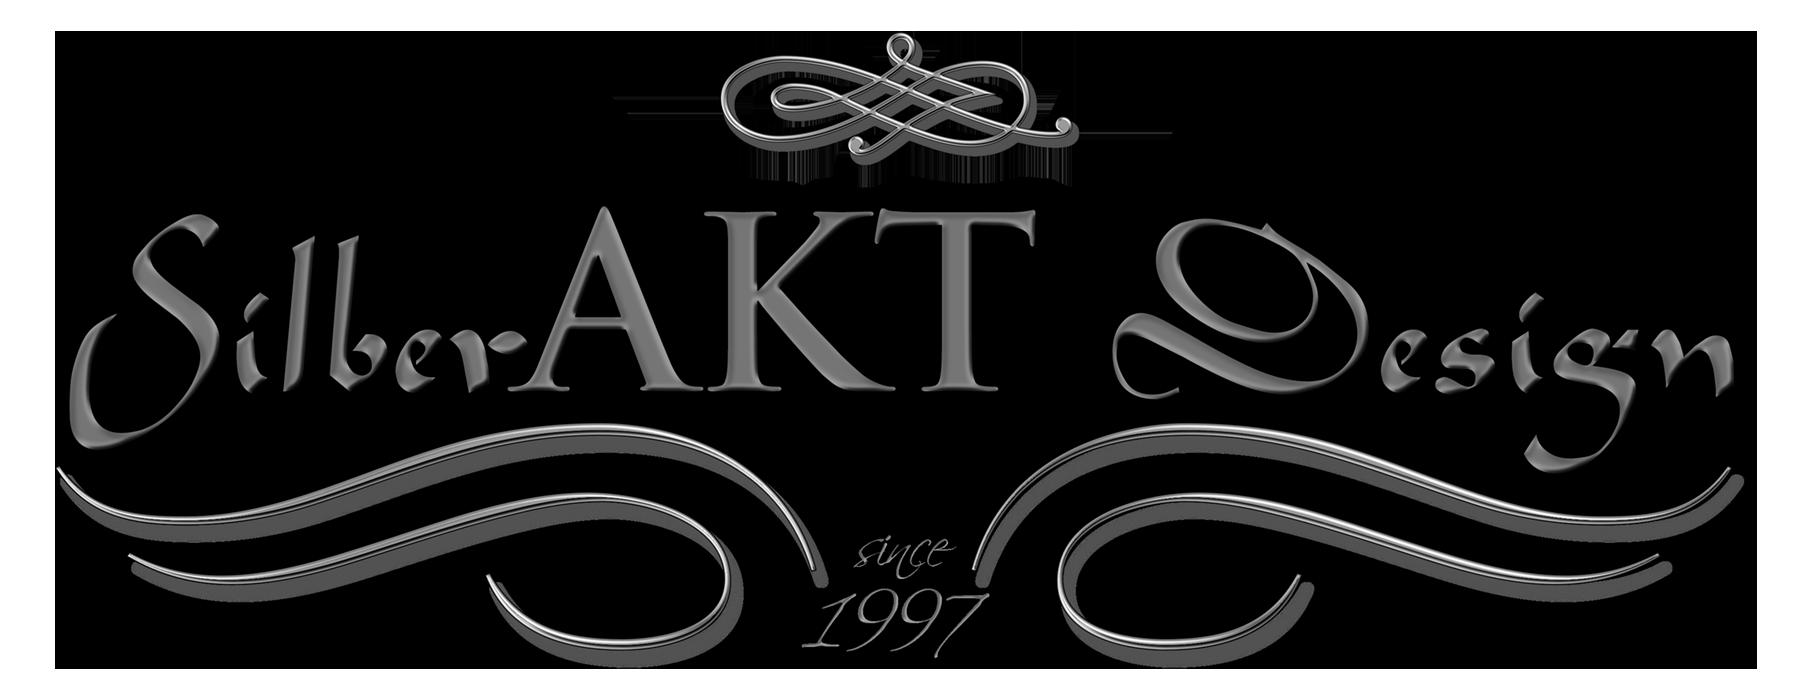 SilberAKT, Silberschmuck, Bremen, jewlery, design